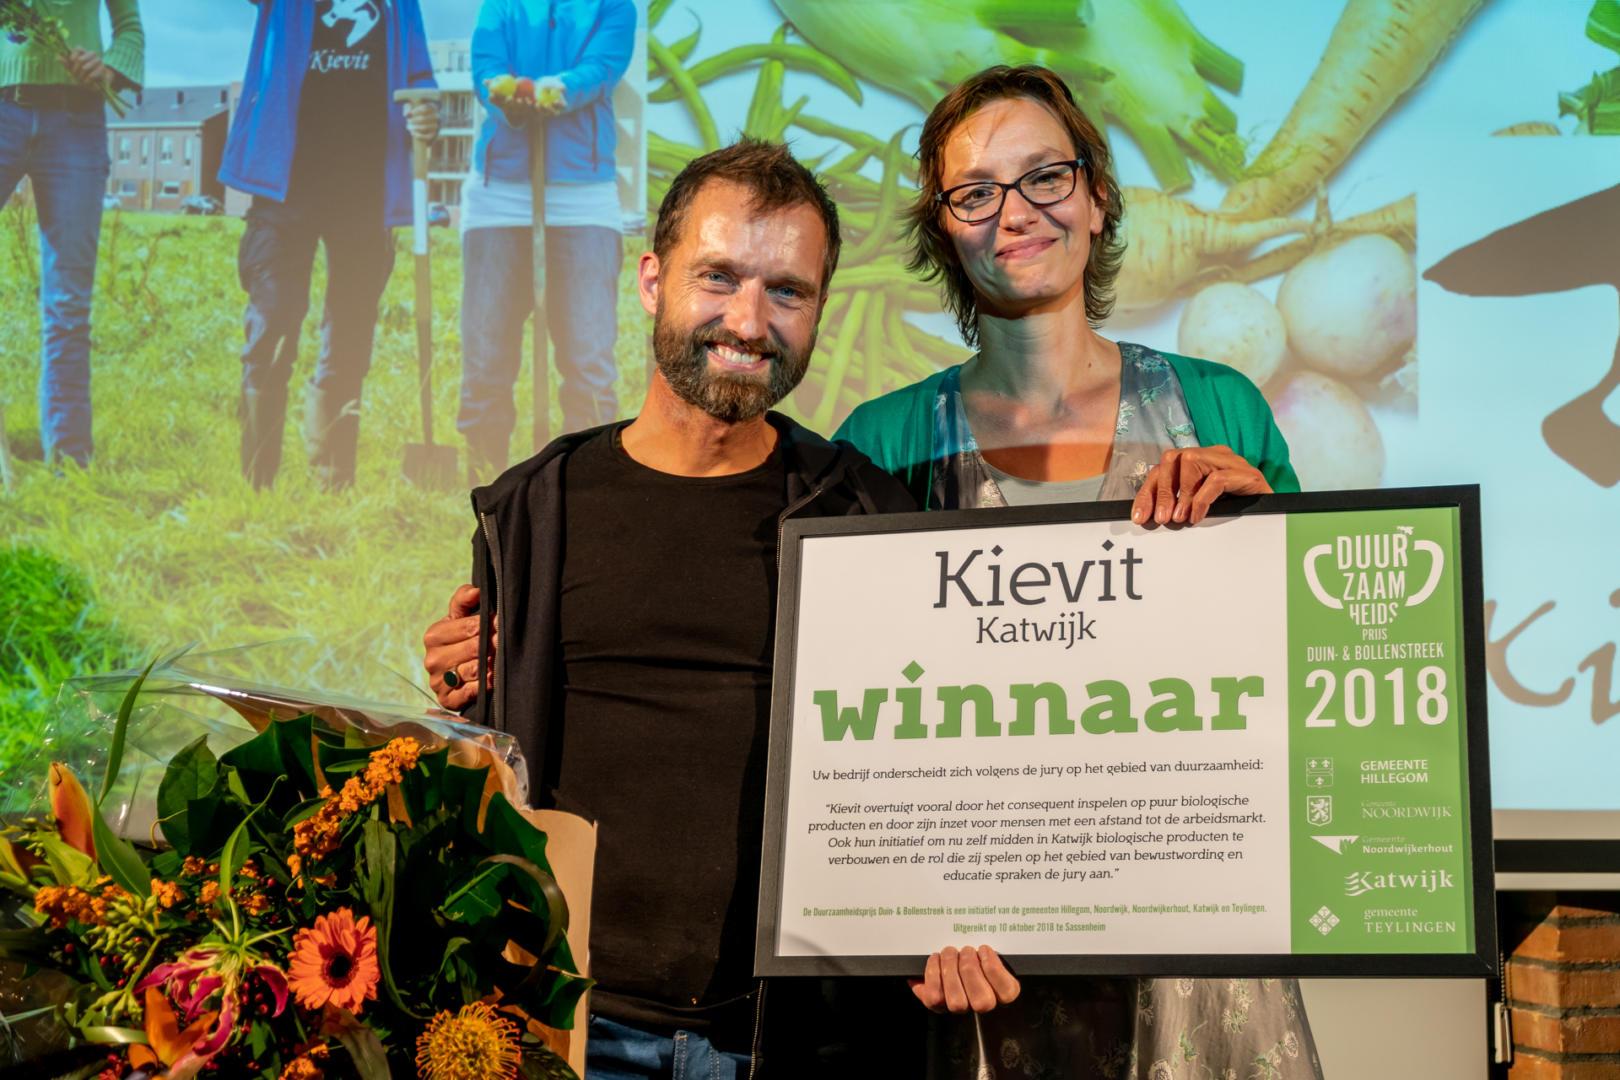 Kievit wint Duurzaamheidsprijs Duin-& Bollenstreek 2018, Sebastiaan Bos en Geke Lanjouw